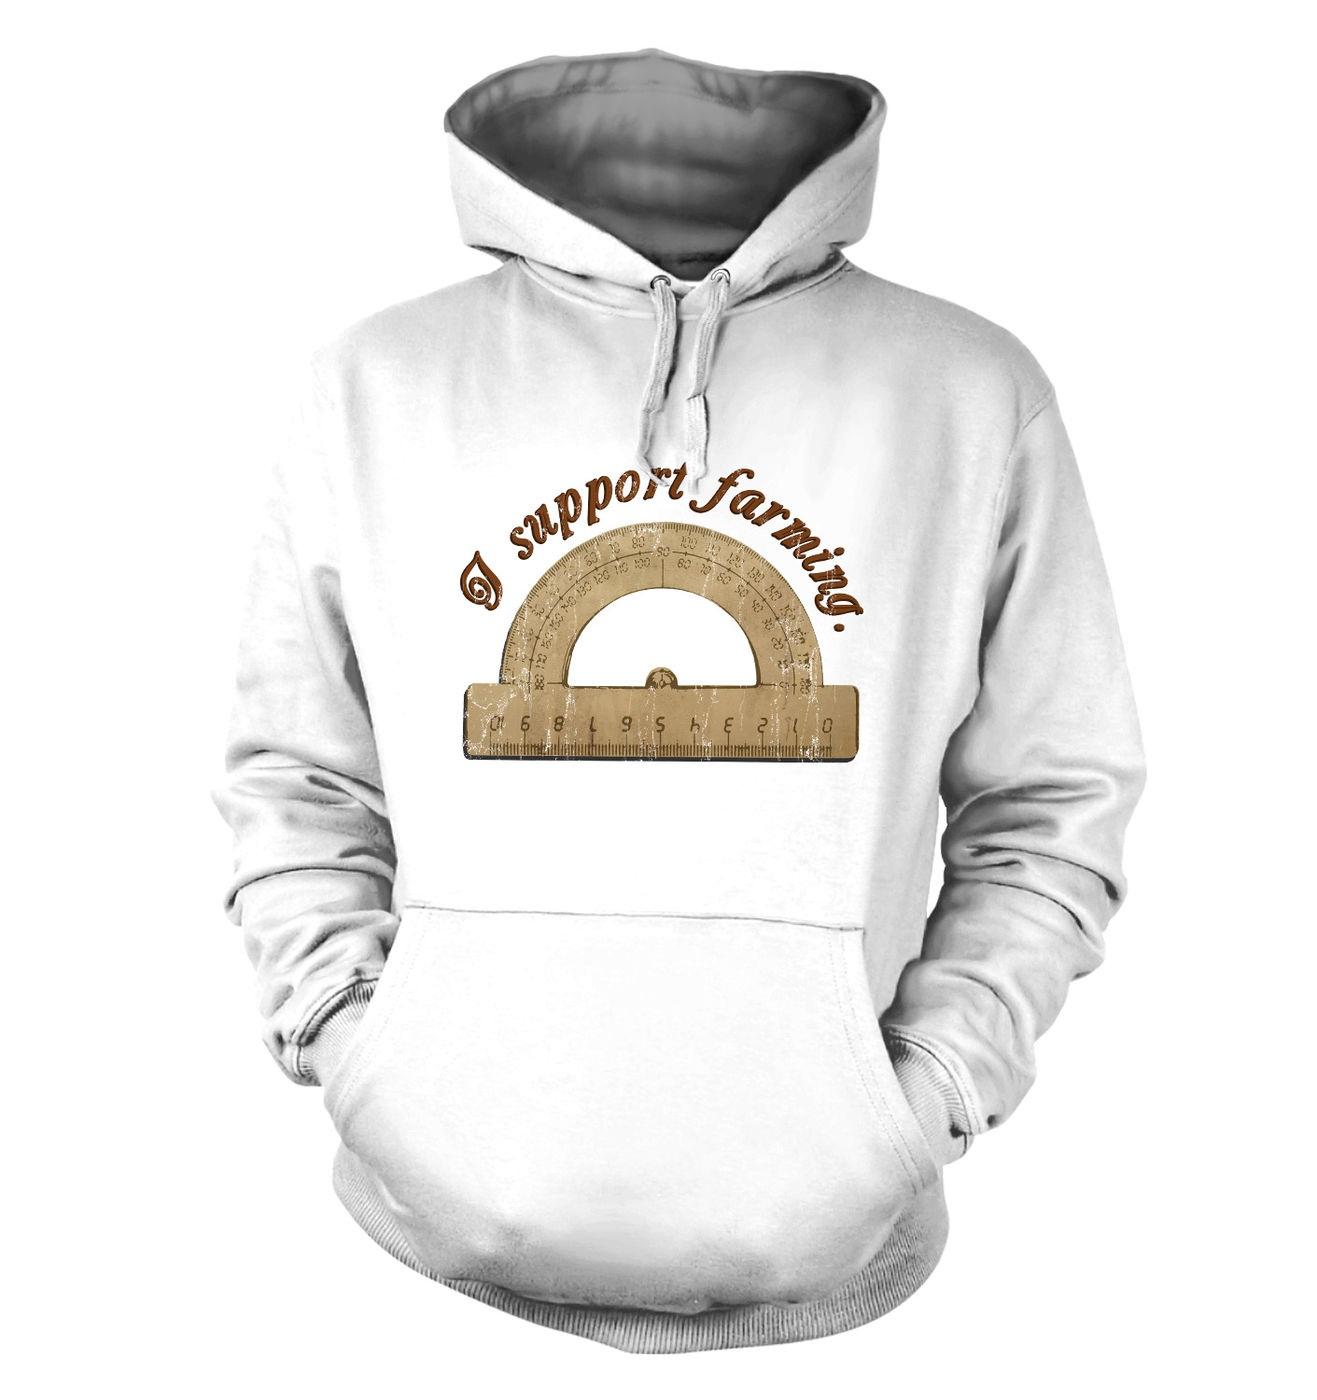 Pro-Tractor hoodie - puntastic geeky hoody